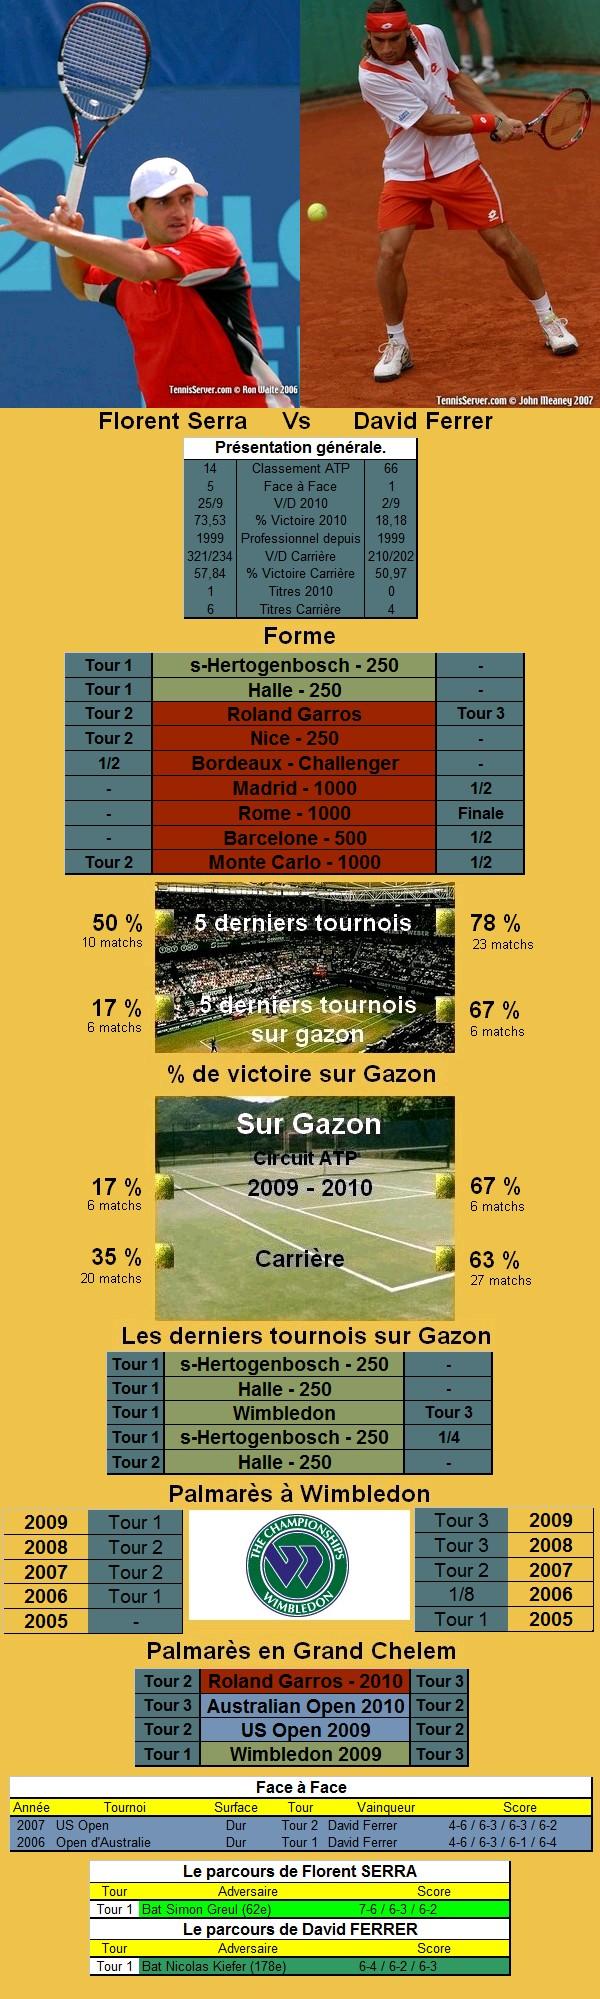 Statistiques tennis de Serra contre Ferrer à Wimbledon